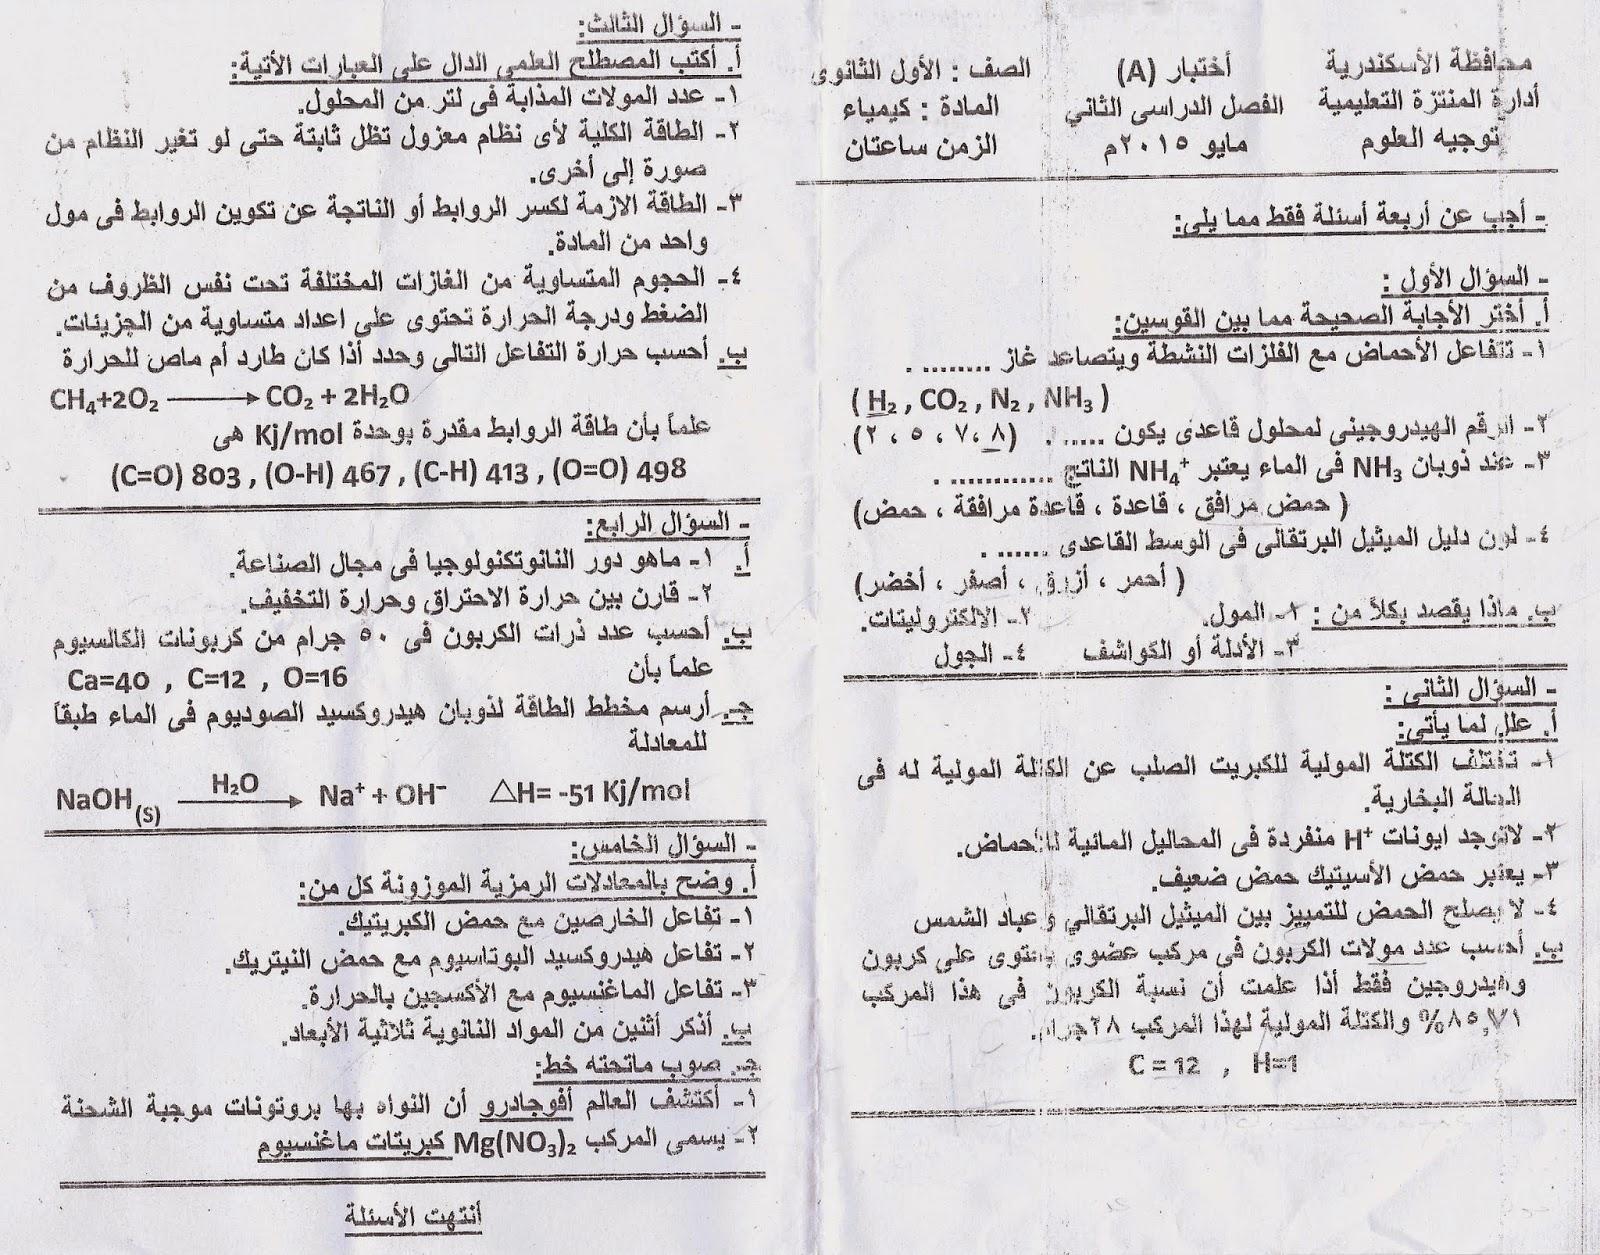 ورقة امتحان الكيمياء محافظة الاسكندرية - الصف الاول الثانوي آخر العام 2015 Scan